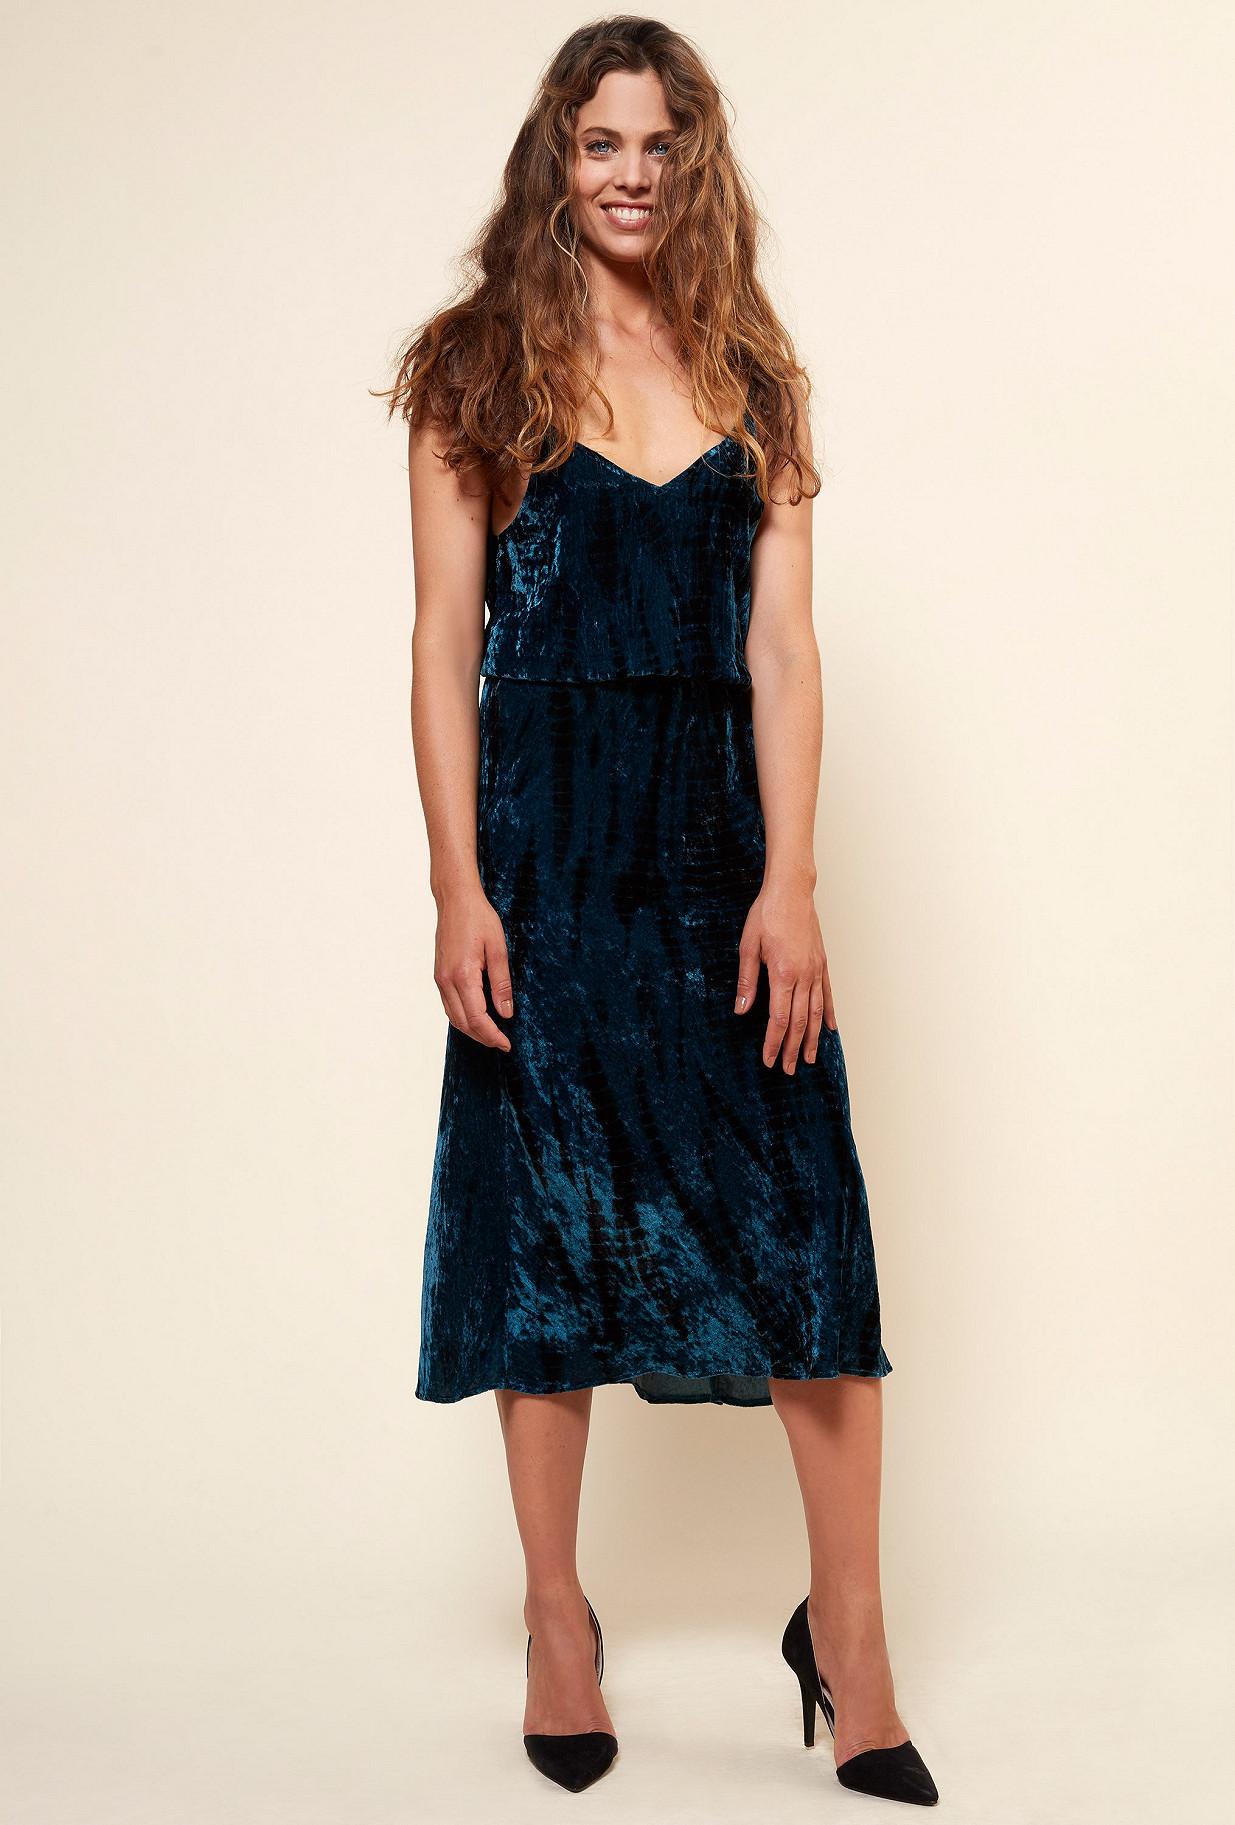 Paris clothes store Dress  Suzie french designer fashion Paris